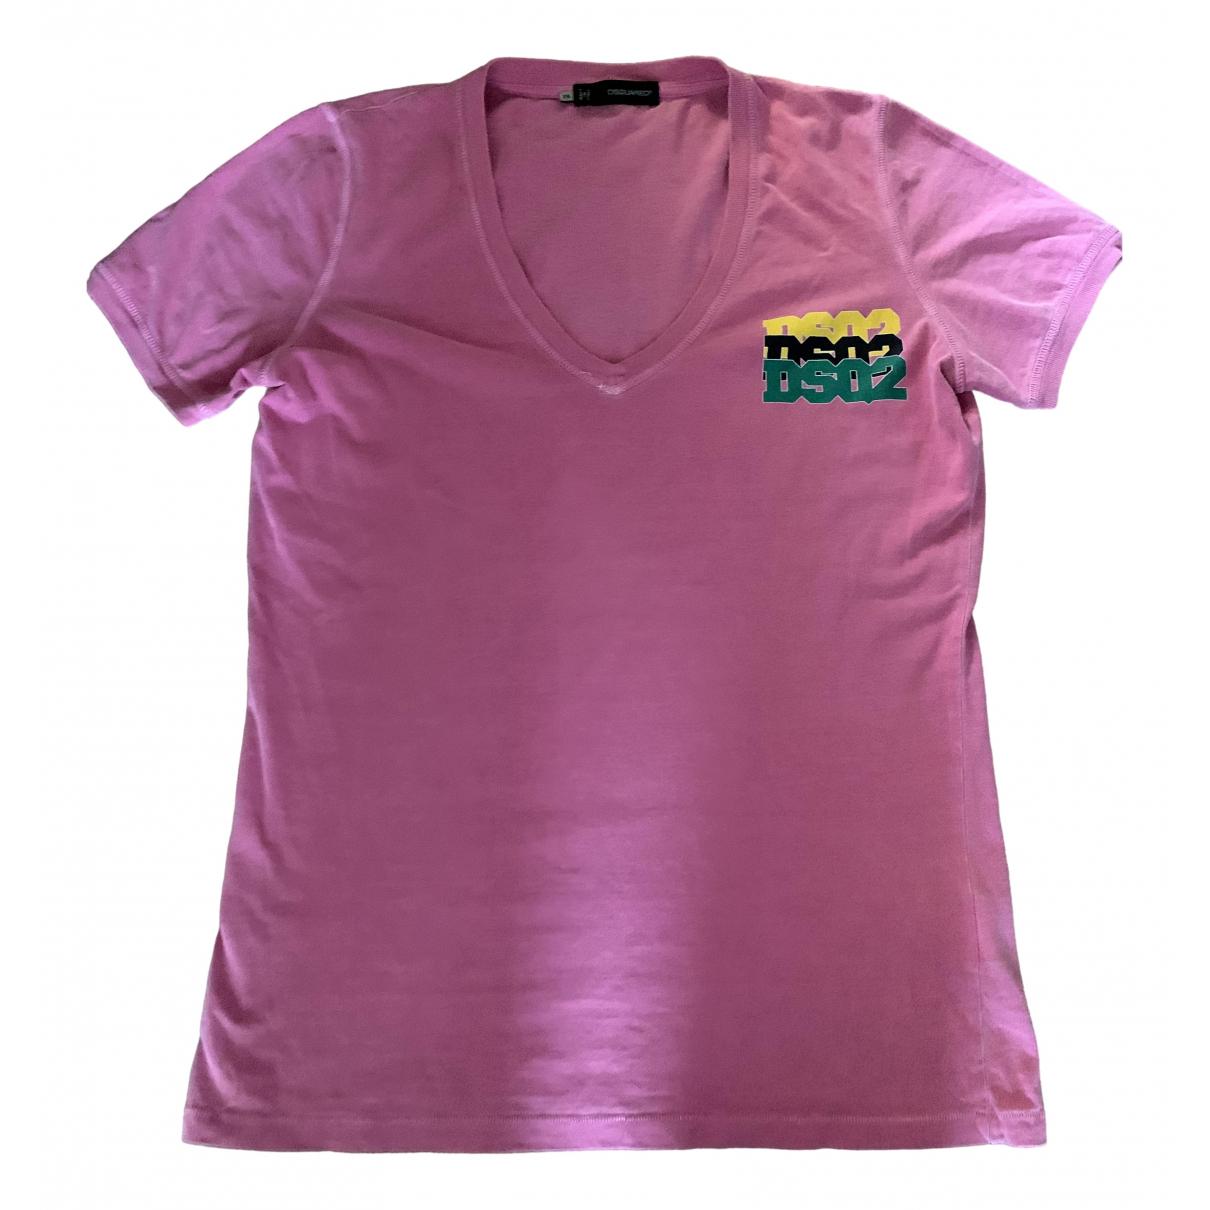 Dsquared2 - Tee shirts   pour homme en coton - rose